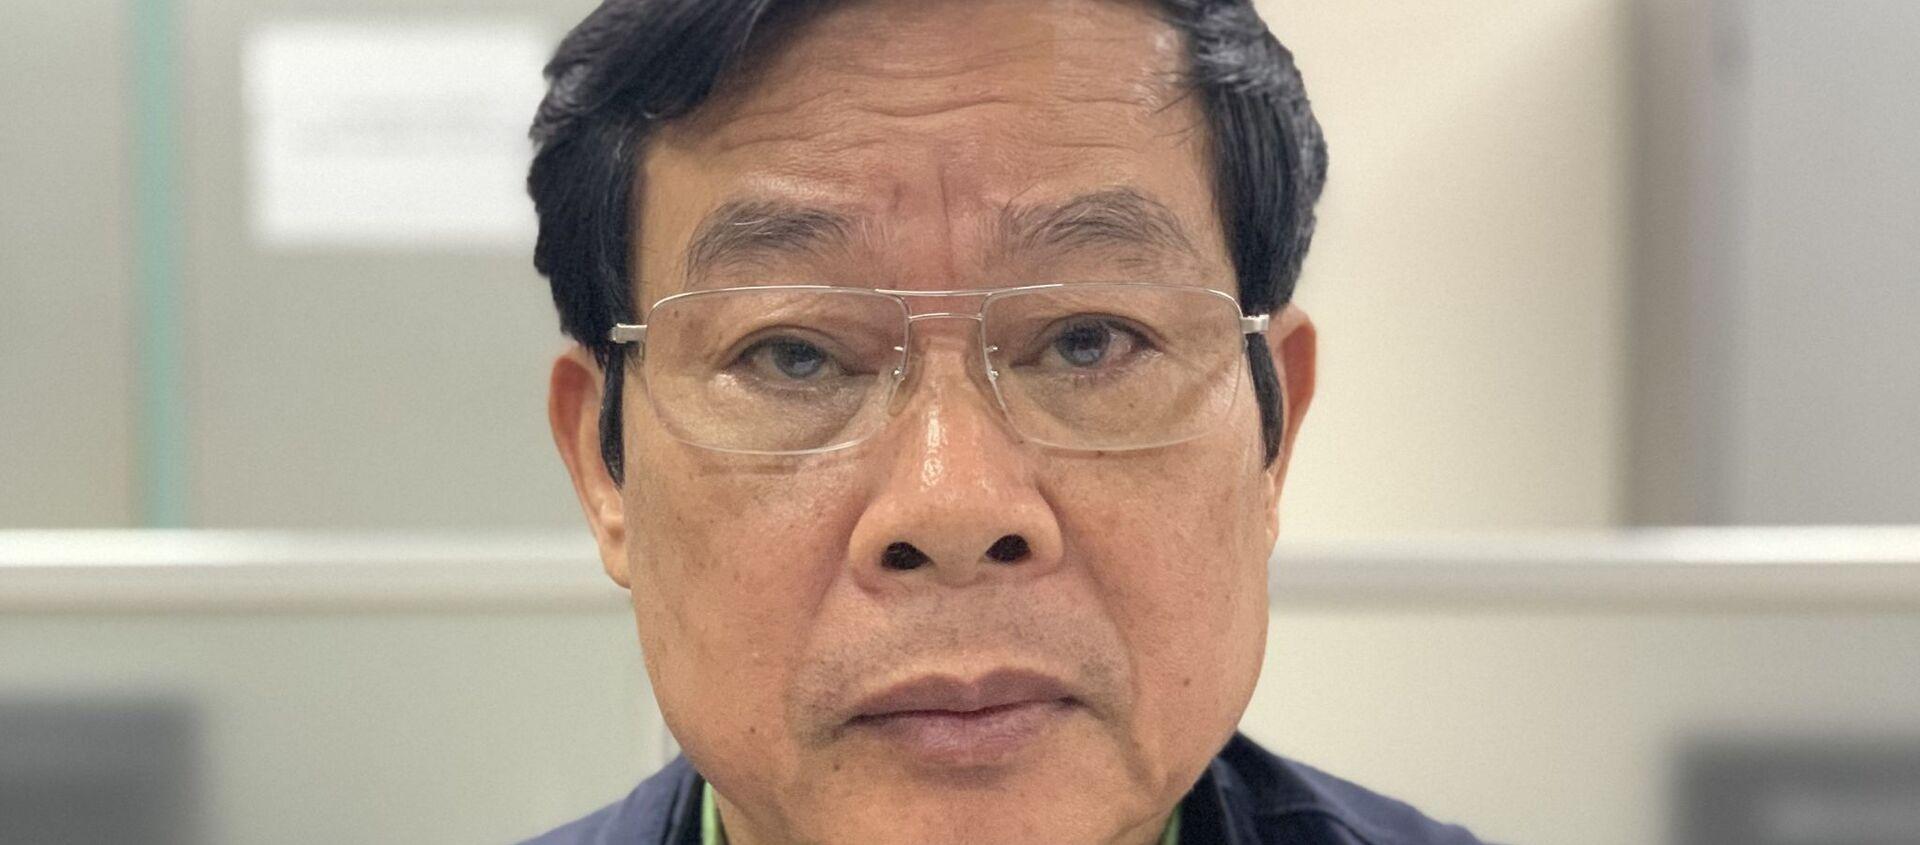 Nguyên Ủy viên Trung ương Đảng khóa X, nguyên Phó Trưởng ban Tuyên giáo Trung ương Nguyễn Bắc Son. - Sputnik Việt Nam, 1920, 24.10.2019